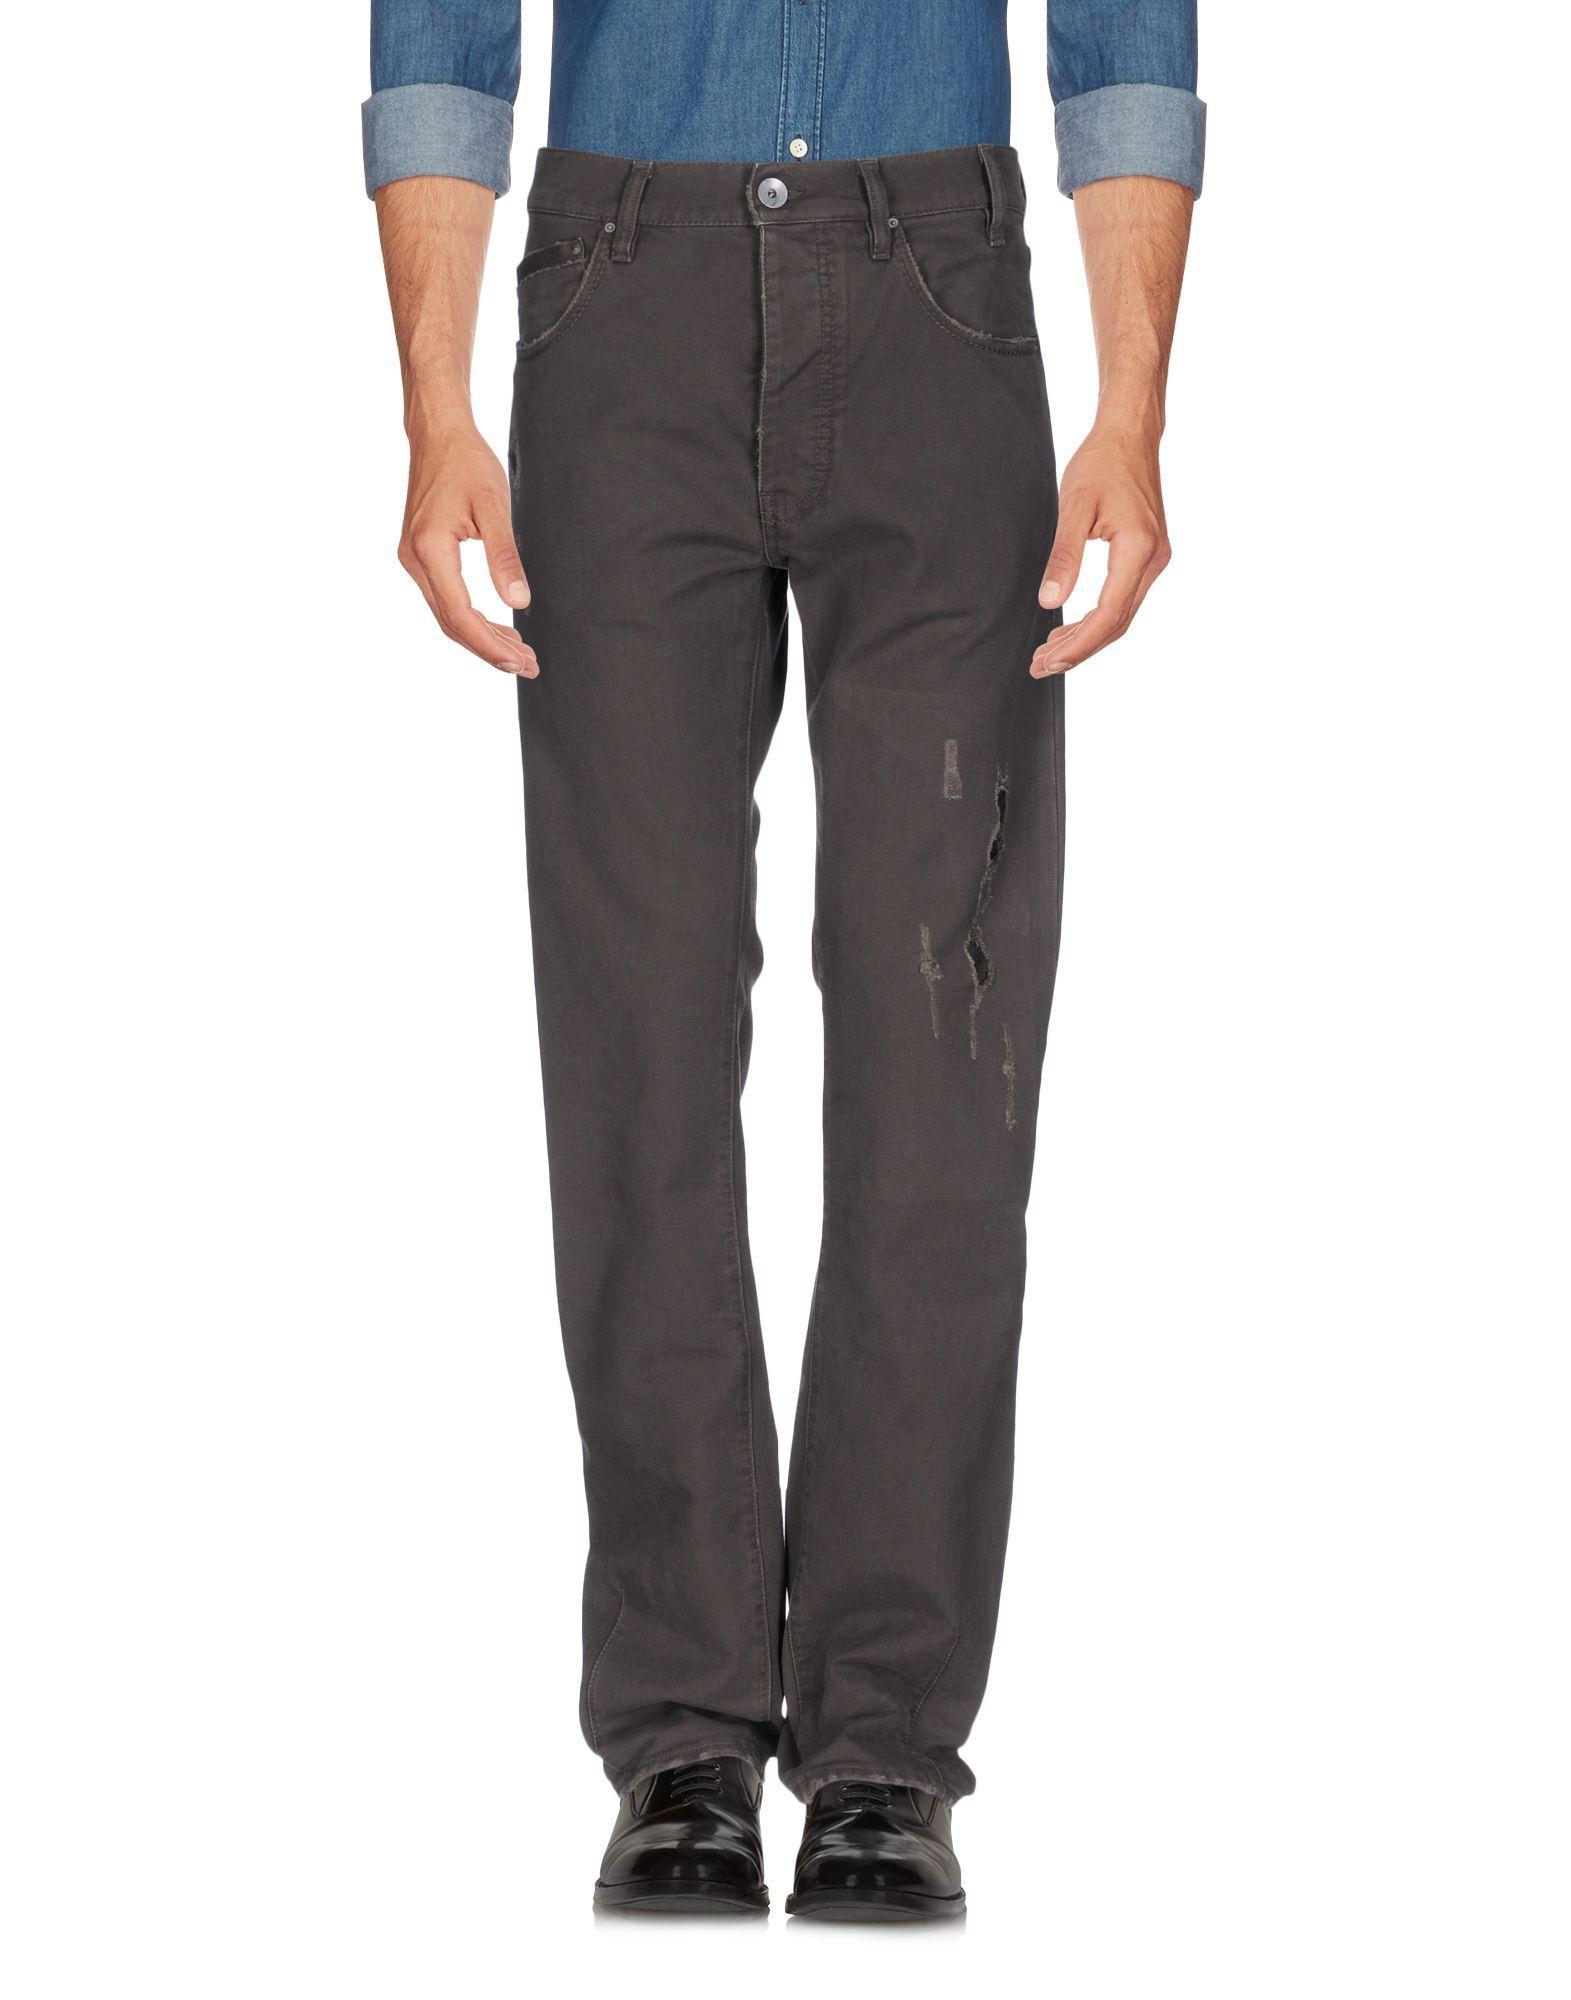 Novemb3r 5-pocket In Grey